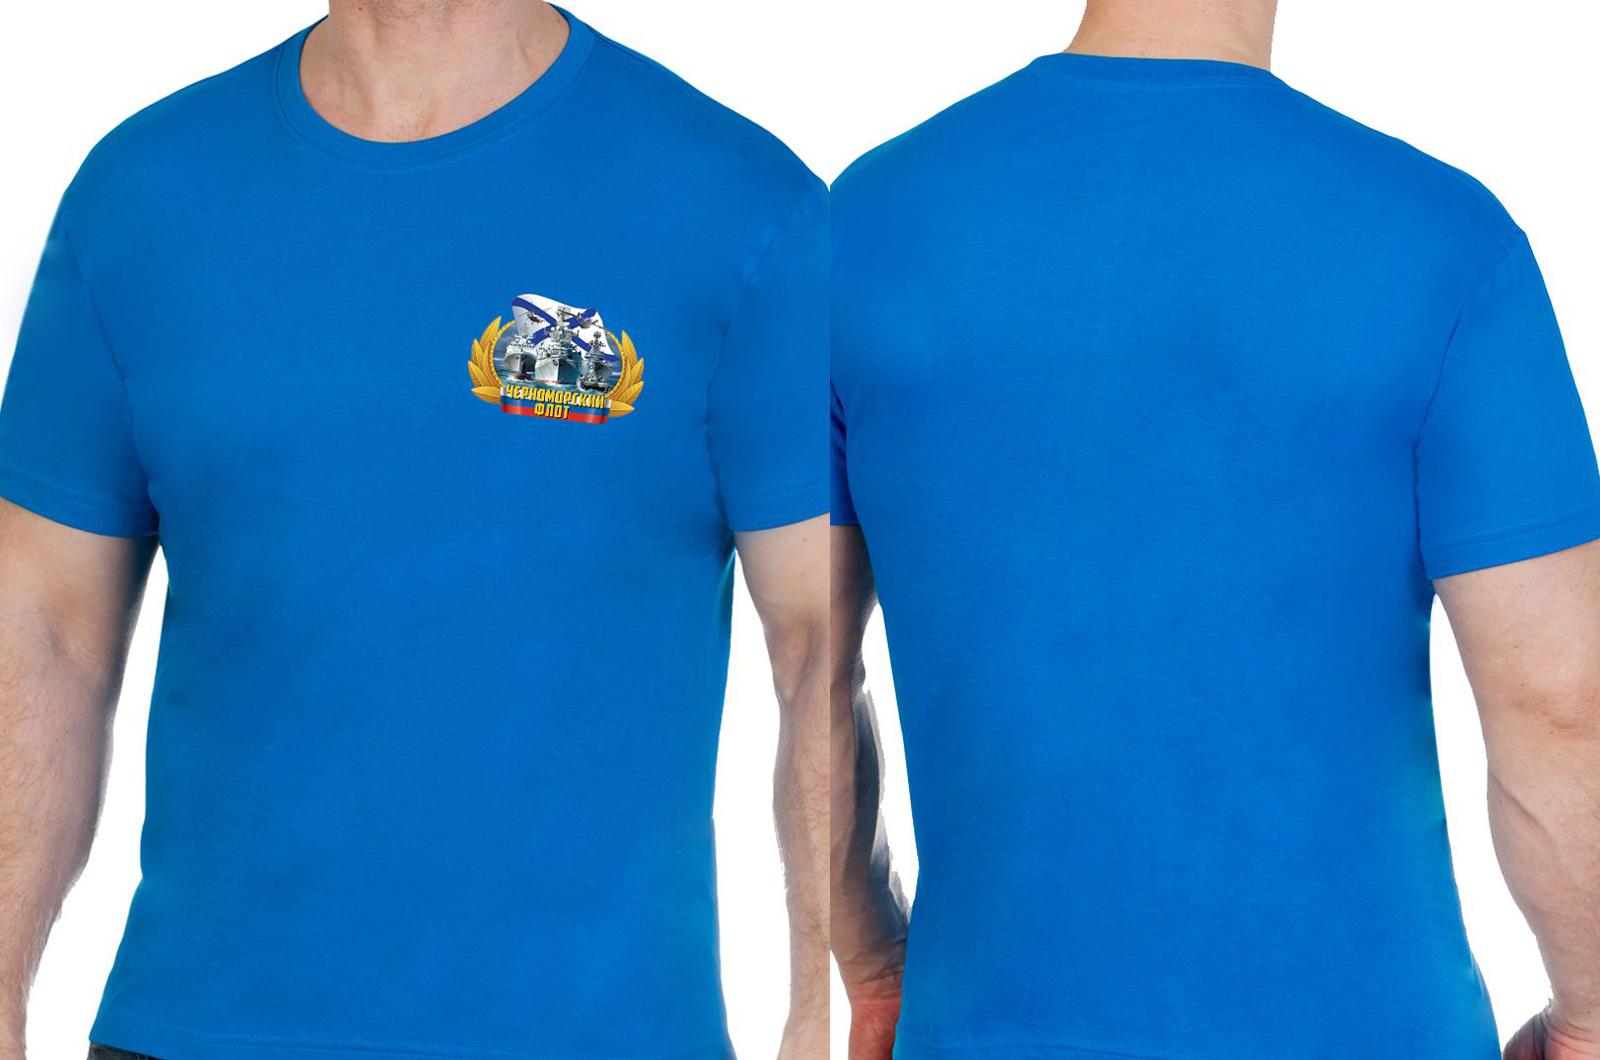 Тематическая футболка Черноморский флот - купить в подарок